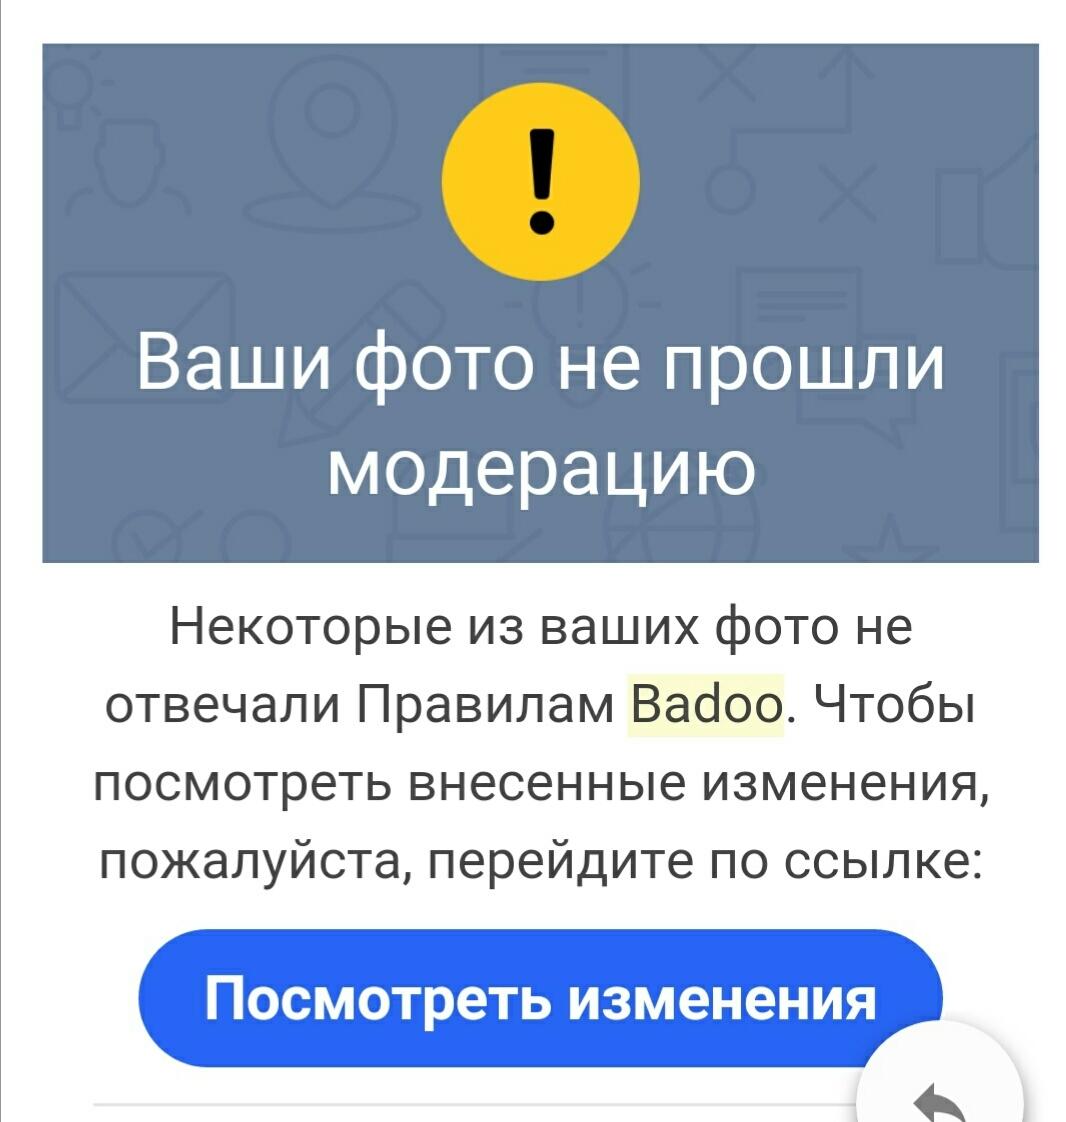 Как зарегистрироваться на badoo